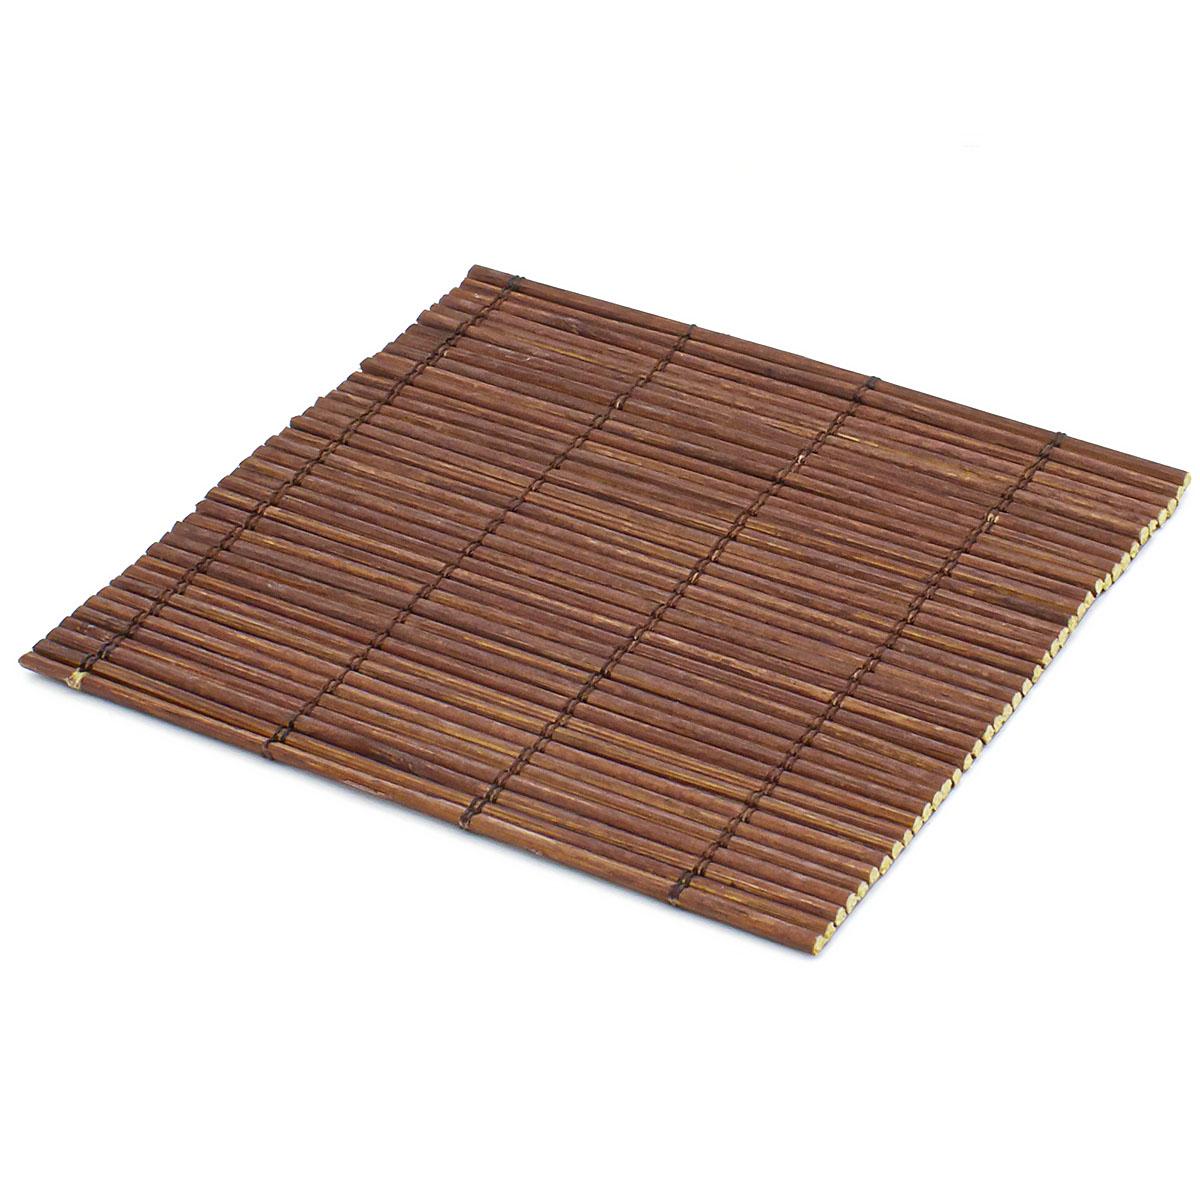 Набор чайных циновок (бамбук), глубокий коричневый, 10 х 10 см, 5 шт/упак